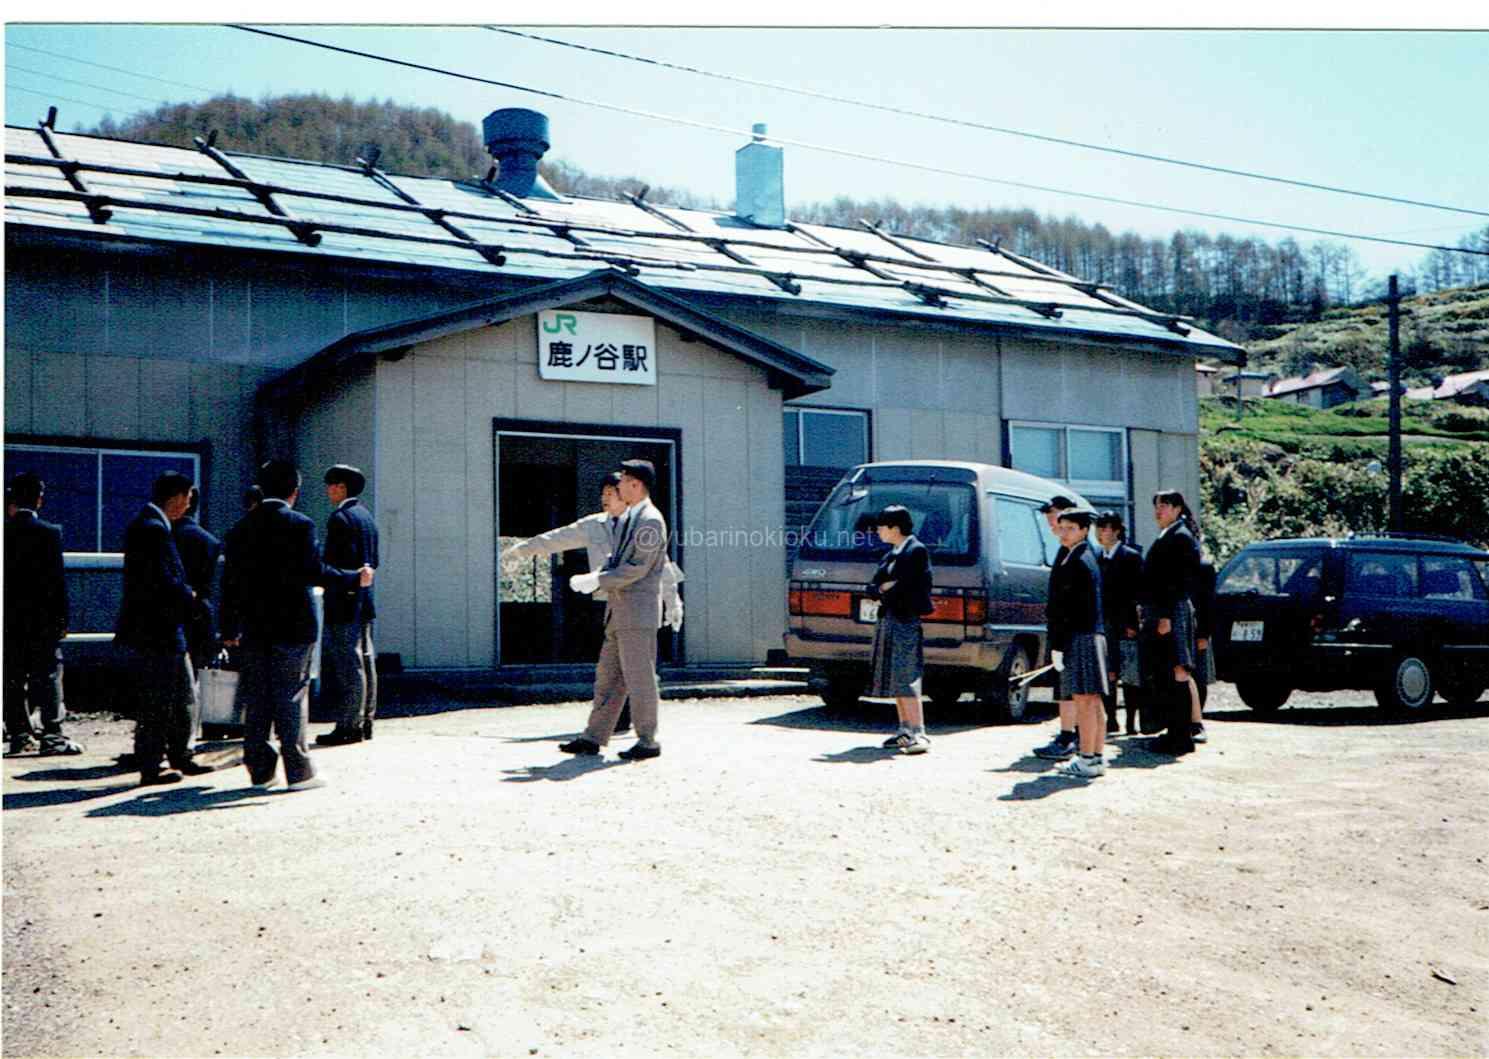 鹿ノ谷駅で奉仕活動を行う緑ケ丘実業高校の生徒たち。